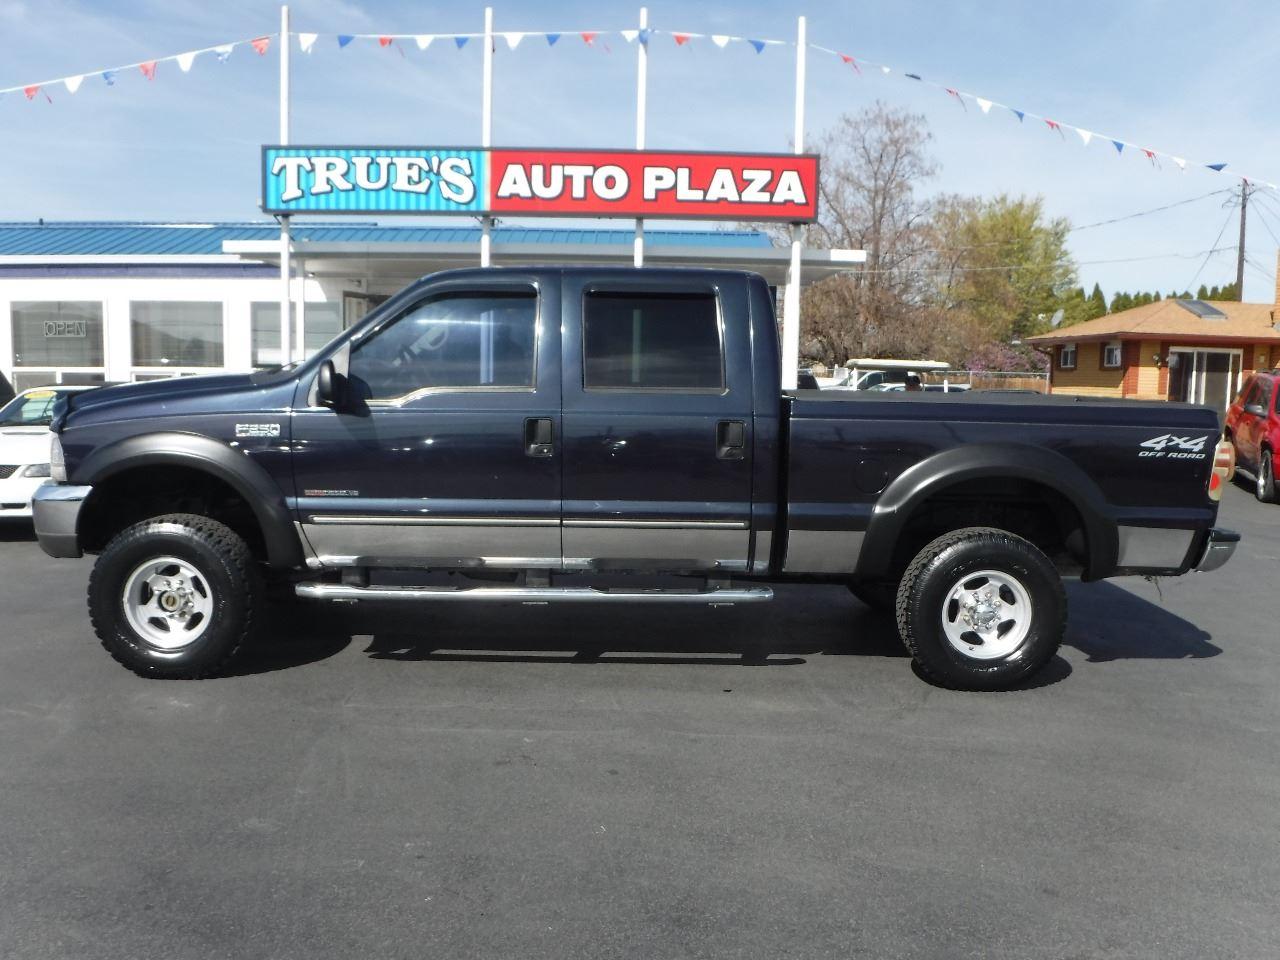 True's Auto Plaza